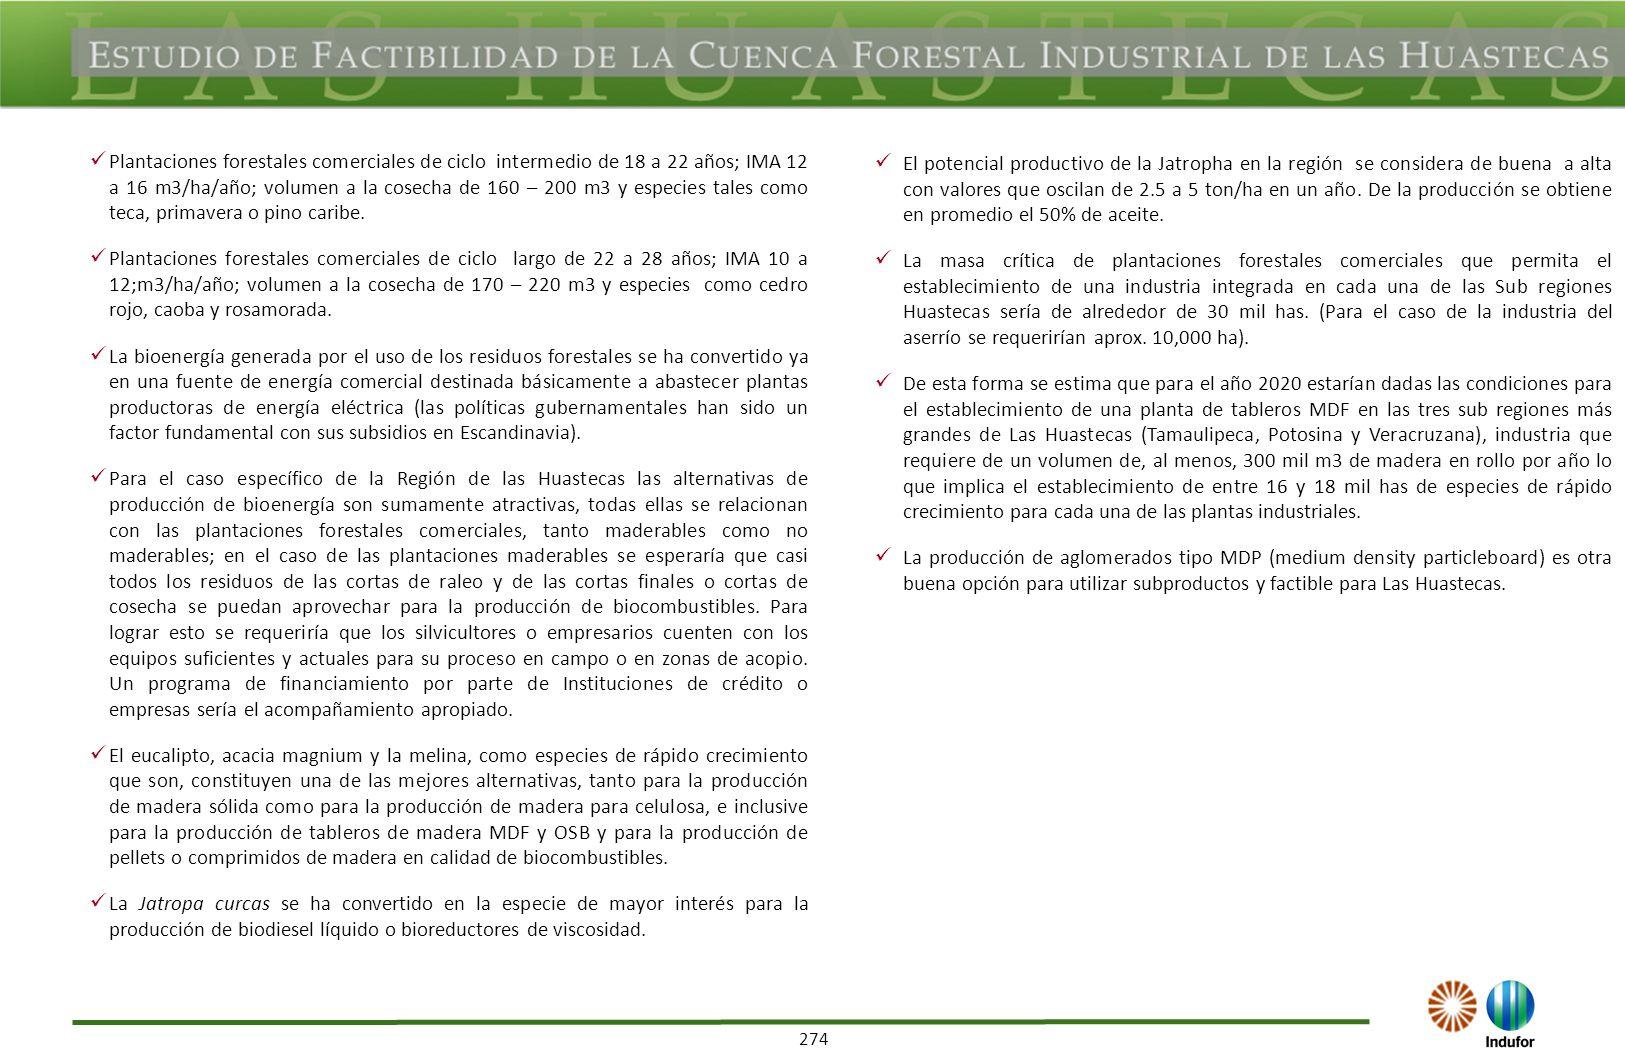 274 Plantaciones forestales comerciales de ciclo intermedio de 18 a 22 años; IMA 12 a 16 m3/ha/año; volumen a la cosecha de 160 – 200 m3 y especies ta